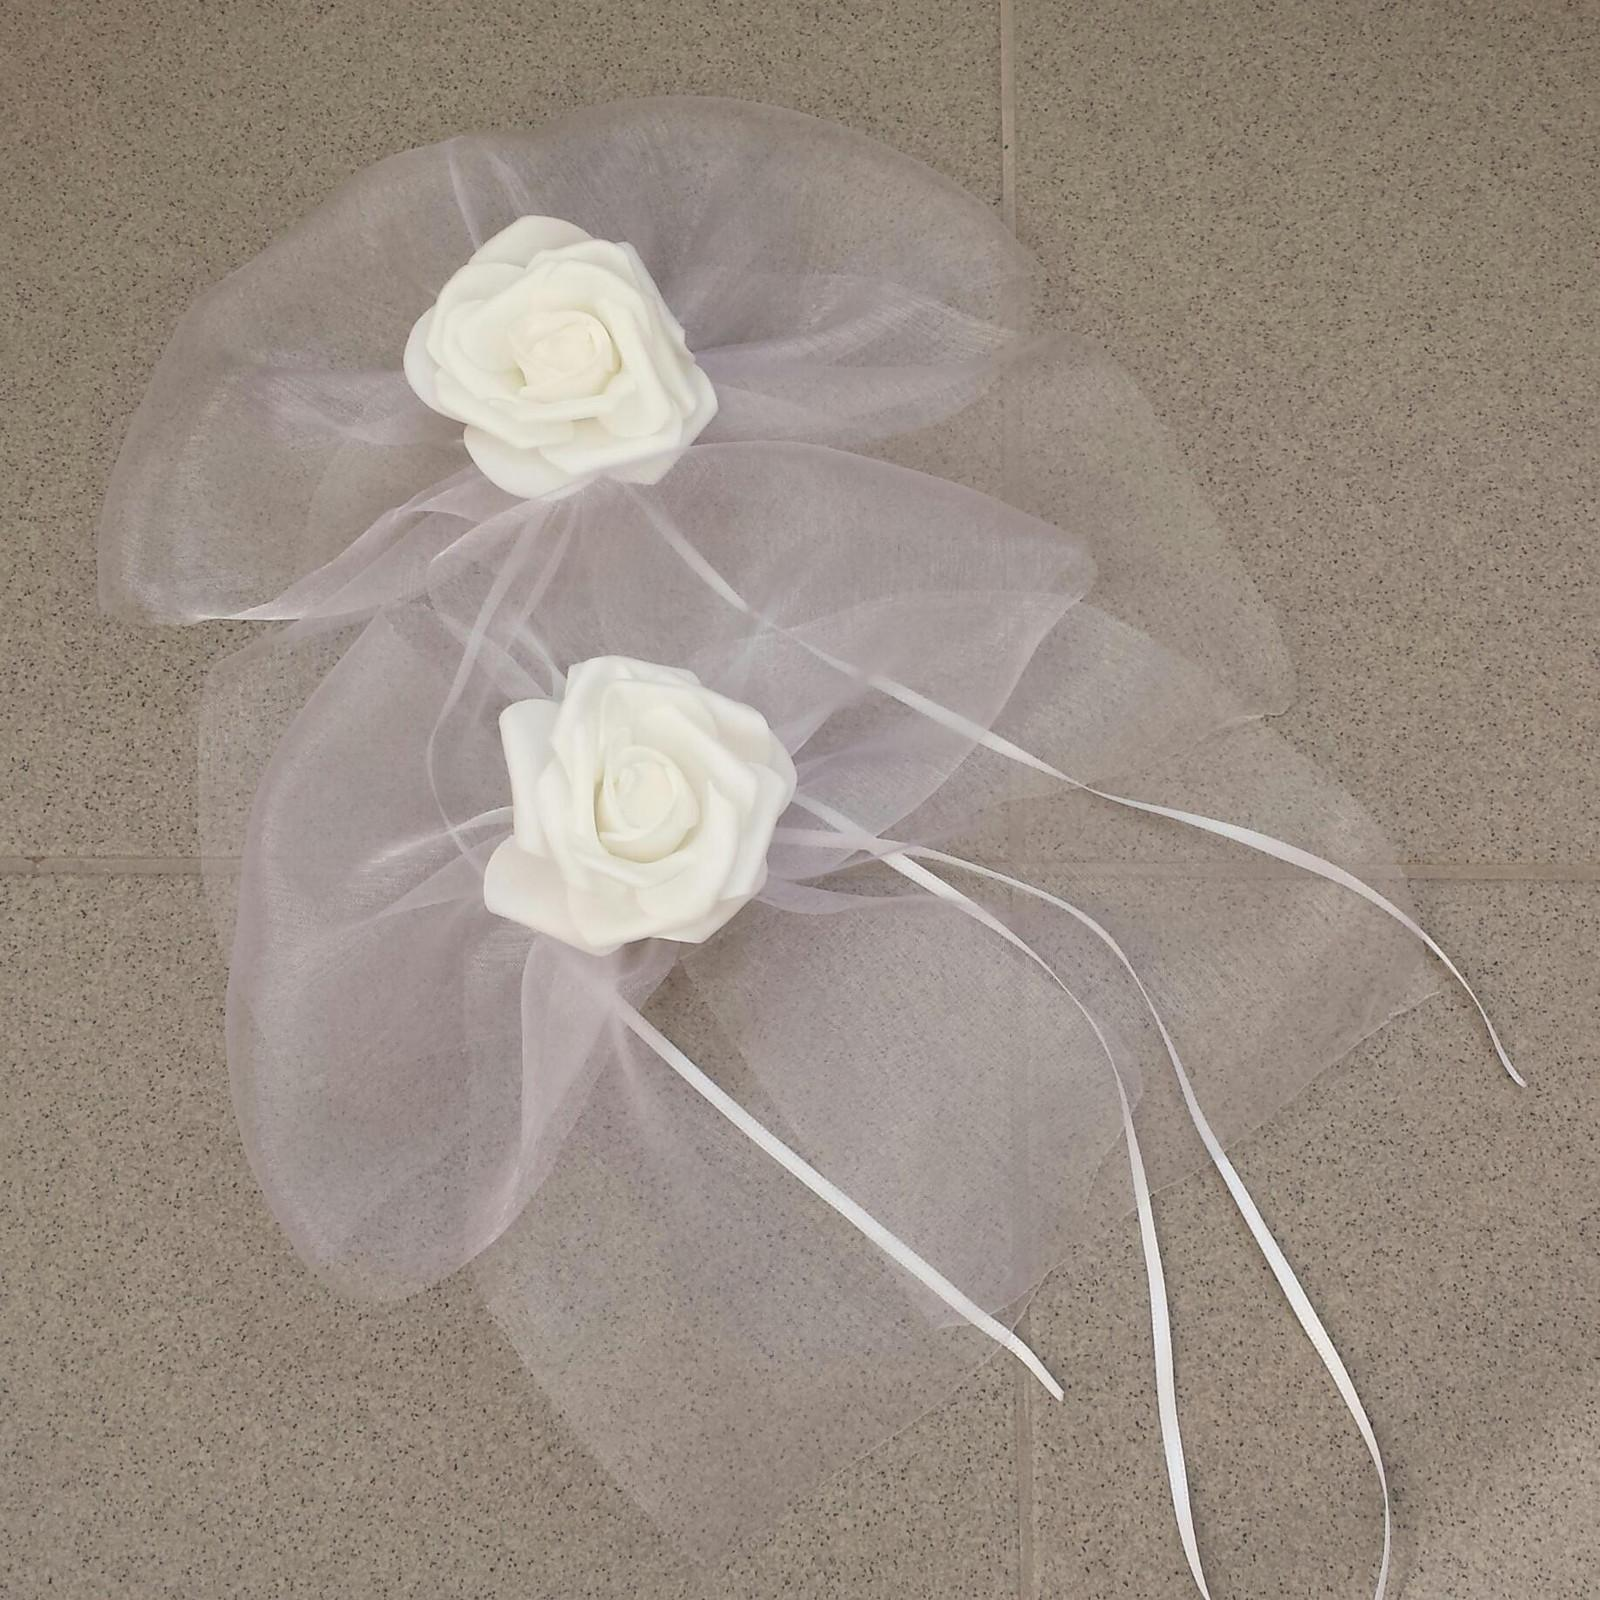 Stříbrný svatební polštářek s krajkou - Obrázek č. 4